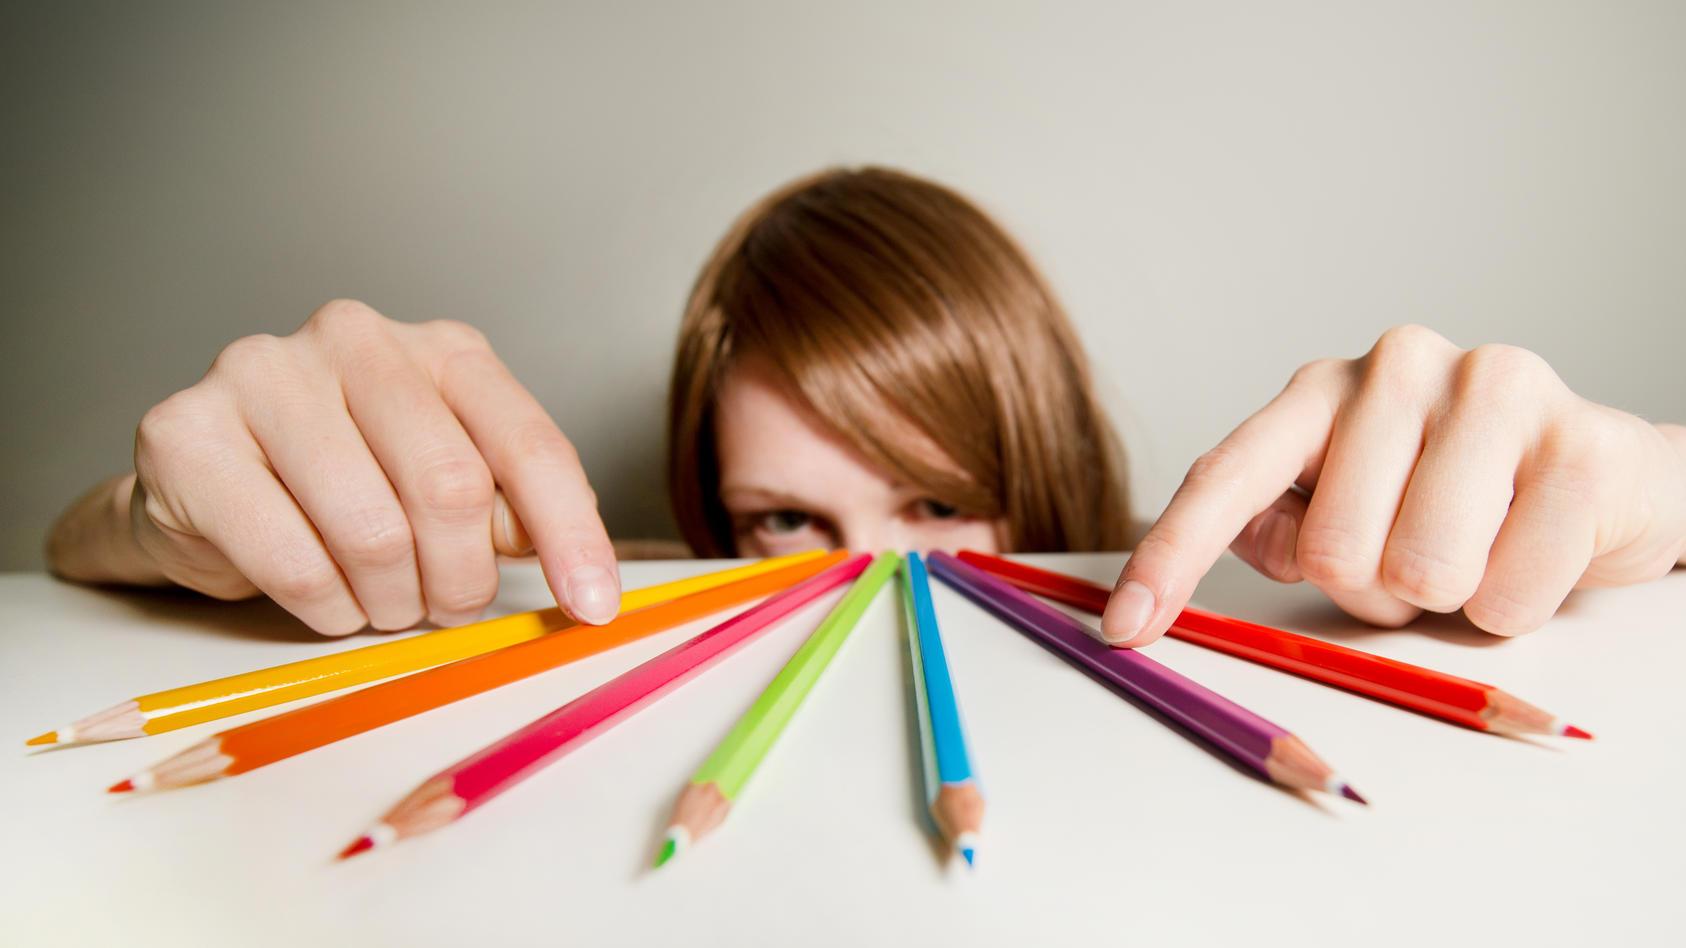 Zwangsstörung: Eine junge Frau zählt die Buntstifte auf ihrem Schreibtisch nach.